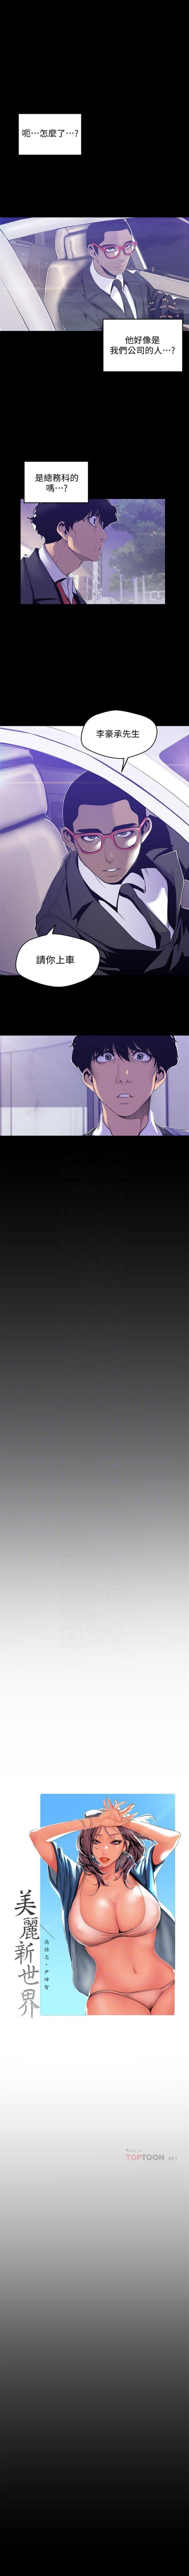 美麗新世界 1-85 官方中文(連載中) 576